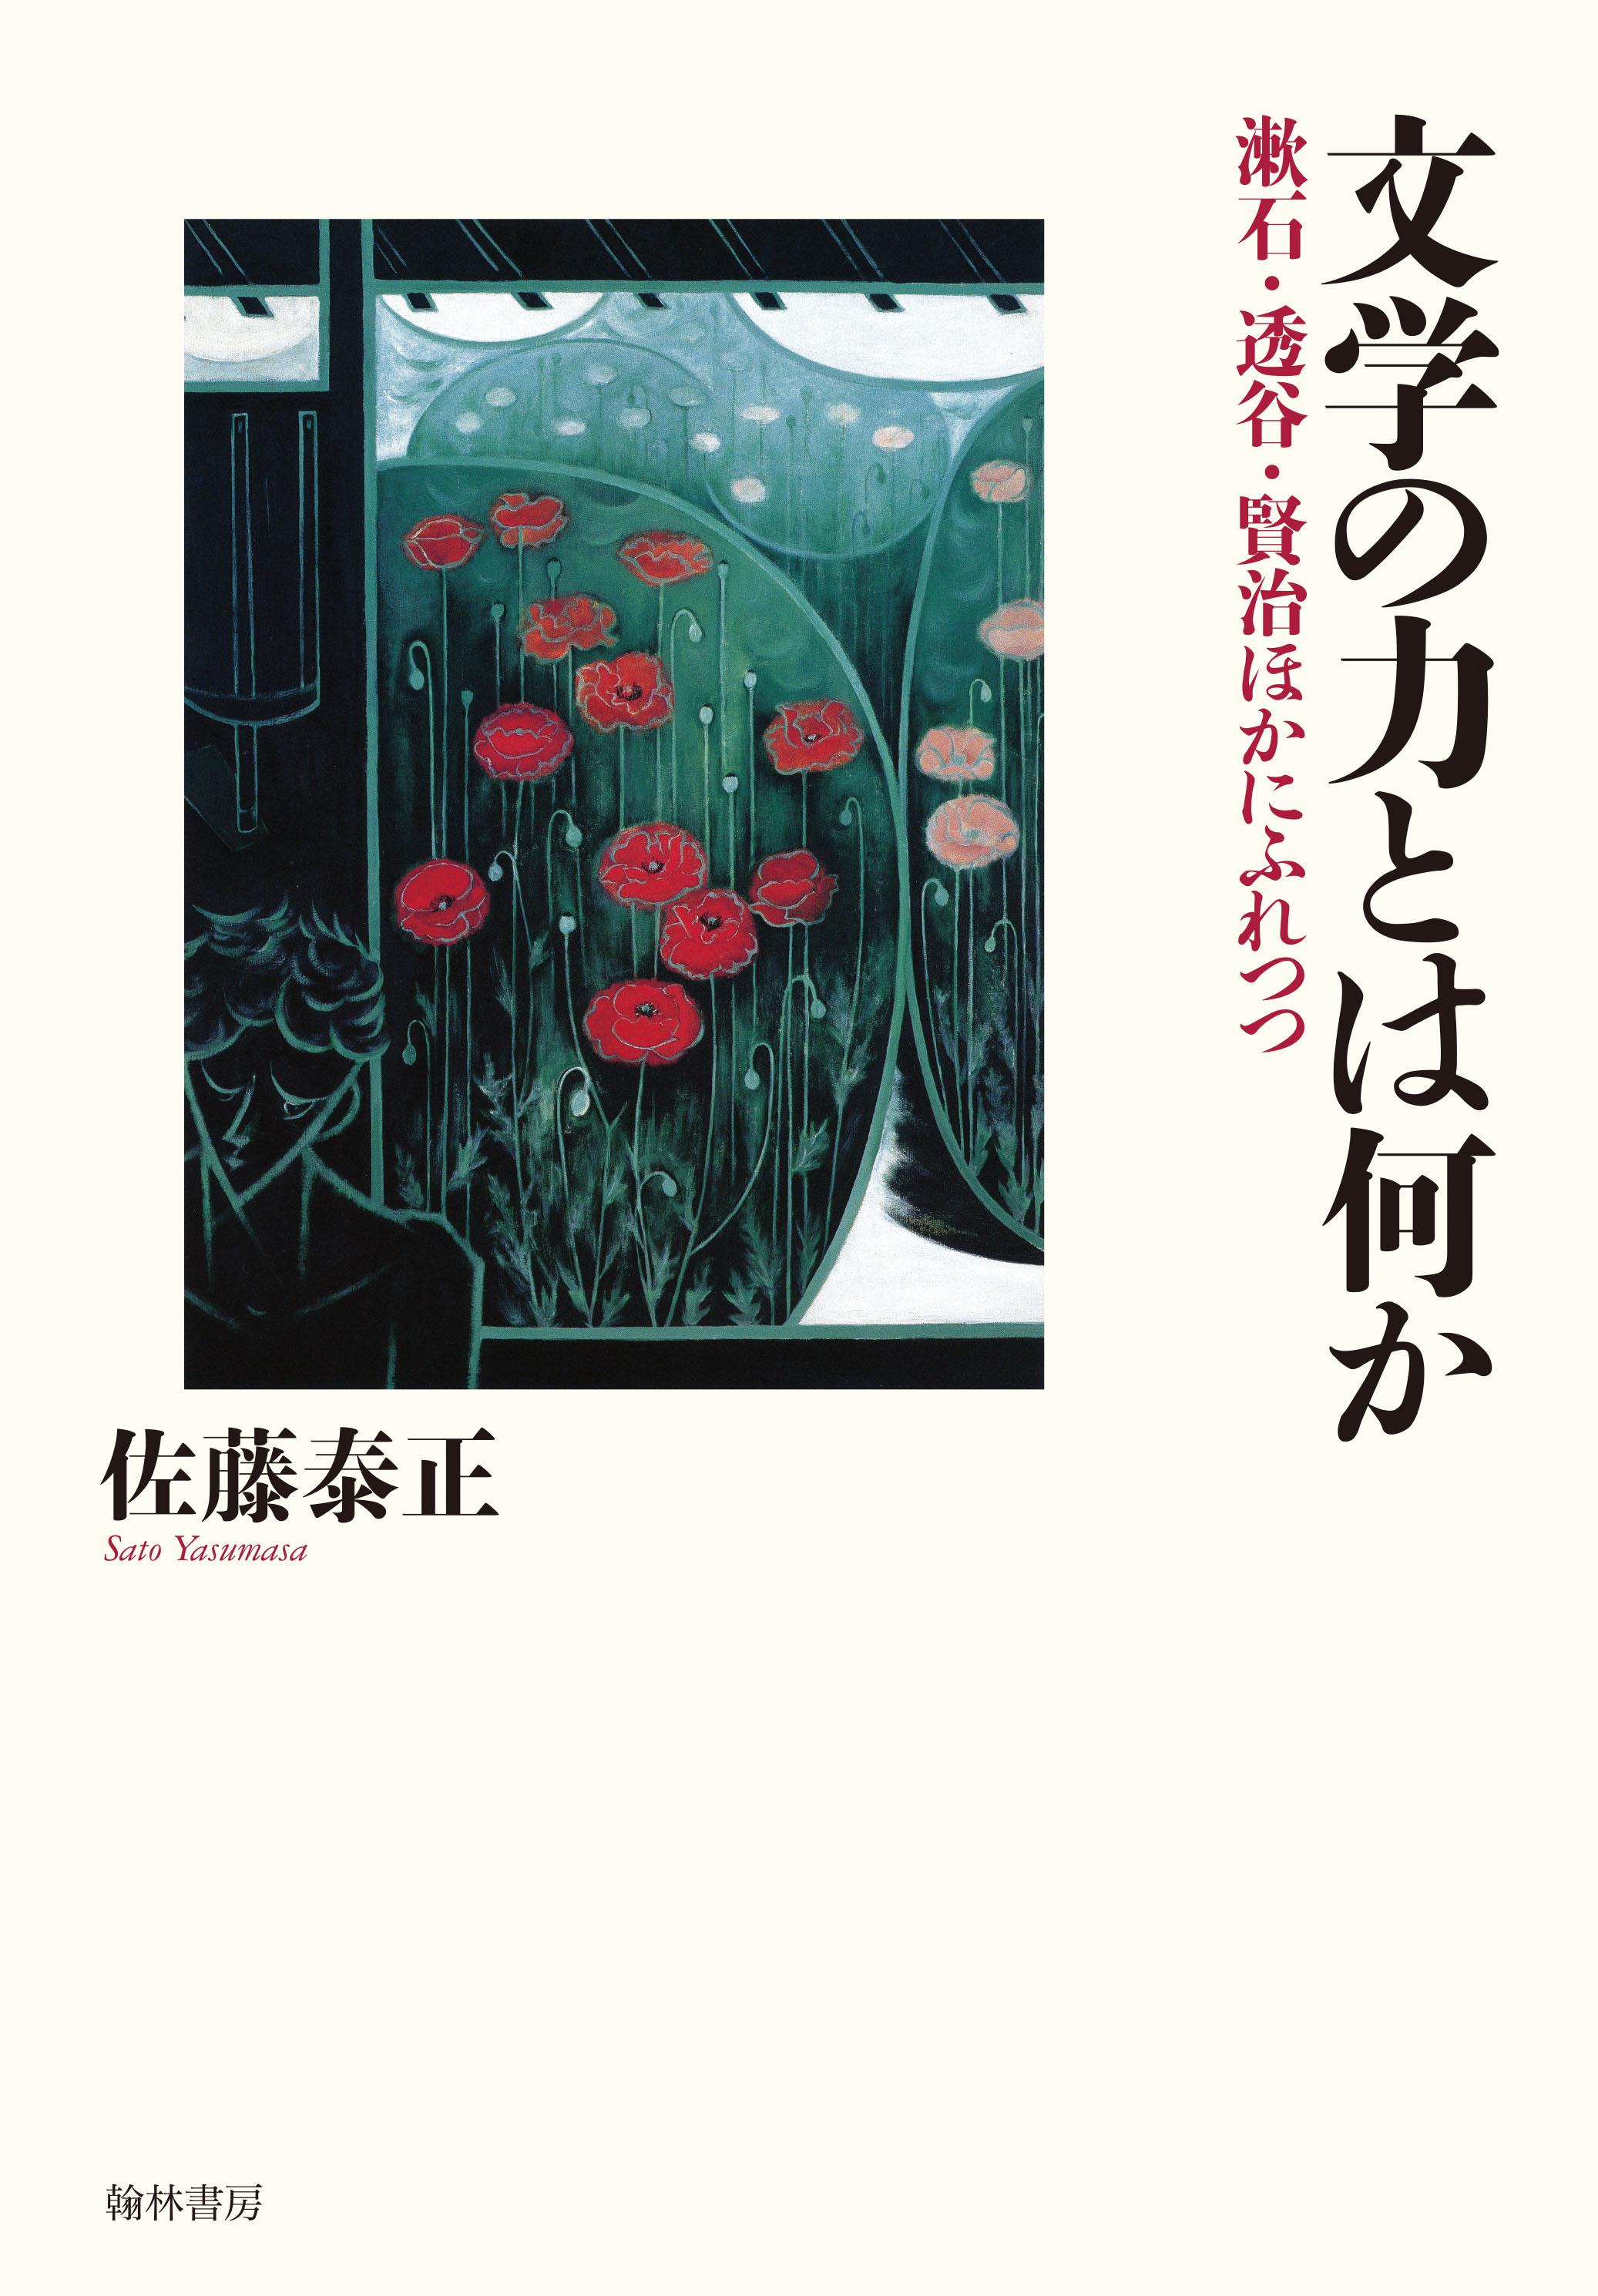 文学の力とは何か 漱石・透谷・賢治ほかにふれつつ